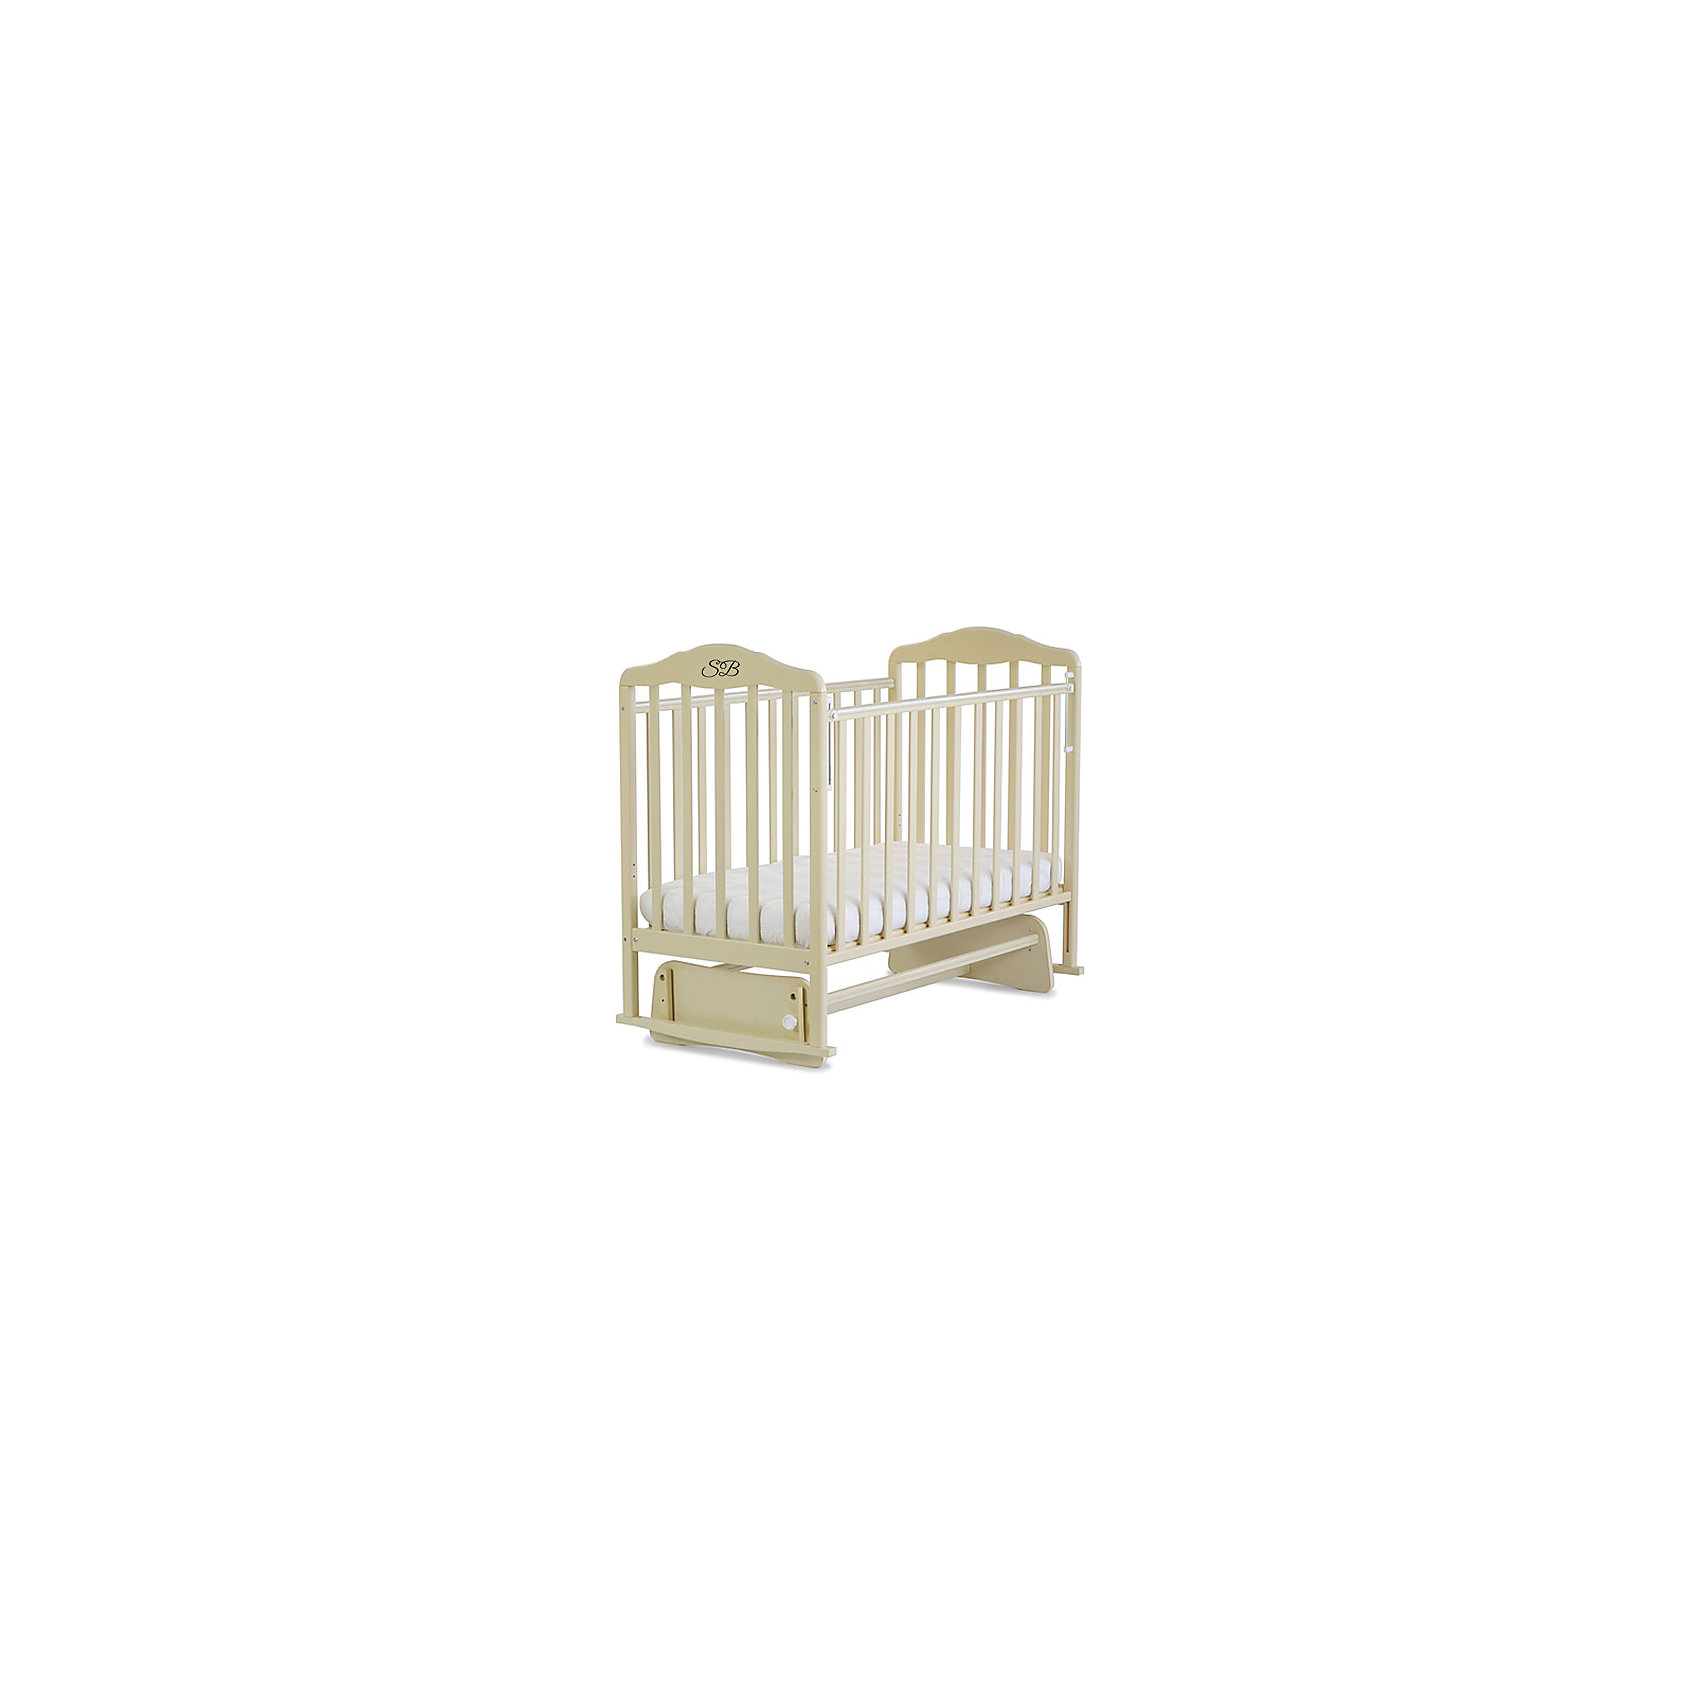 Кроватка Luigi Avorio, Sweet Baby, слоновая костьКроватки<br>Характеристики товара:<br><br>• цвет: слоновая кость<br>• с поперечным маятником<br>• фиксатор покоя<br>• материал: массив дерева/ЛДСП<br>• полозья для качания<br>• размер спального места: 120х60 см<br>• 2 уровня ложа<br>• силиконовые накладки на бортиках<br>• размер кроватки (ШхДхВ): 72х125х115см.<br><br>Итальянский бренд Sweet Baby позаботился о комфортном сне вашего малыша благодаря плавному механизму качания поперечного маятника . <br>Кроватка оснащена специальными фиксаторами, которые приводят маятник в состояние покоя.<br><br>Два уровня ложа позволяют менять глубину кроватки по мере роста малыша, опускаемая планка поможет без труда дотянуться до малыша в кроватке.Расстояние между рейками не дает возможность ребенку застрять между ними во время сна.<br><br>На бортиках кроватки есть специальные силиконовые накладки, их основной функцией является защита вашего ребенка во время прорезания зубов.<br><br>Кроватки для новорожденных SweetBaby обрабатываются нетоксичными лаками и красками, абсолютно безвредными для ребенка.<br><br>Кроватку Luigi Avorio, Sweet Baby можно купить в нашем интернет-магазине.<br><br>Ширина мм: 710<br>Глубина мм: 150<br>Высота мм: 1240<br>Вес г: 20000<br>Возраст от месяцев: 0<br>Возраст до месяцев: 36<br>Пол: Унисекс<br>Возраст: Детский<br>SKU: 5583576